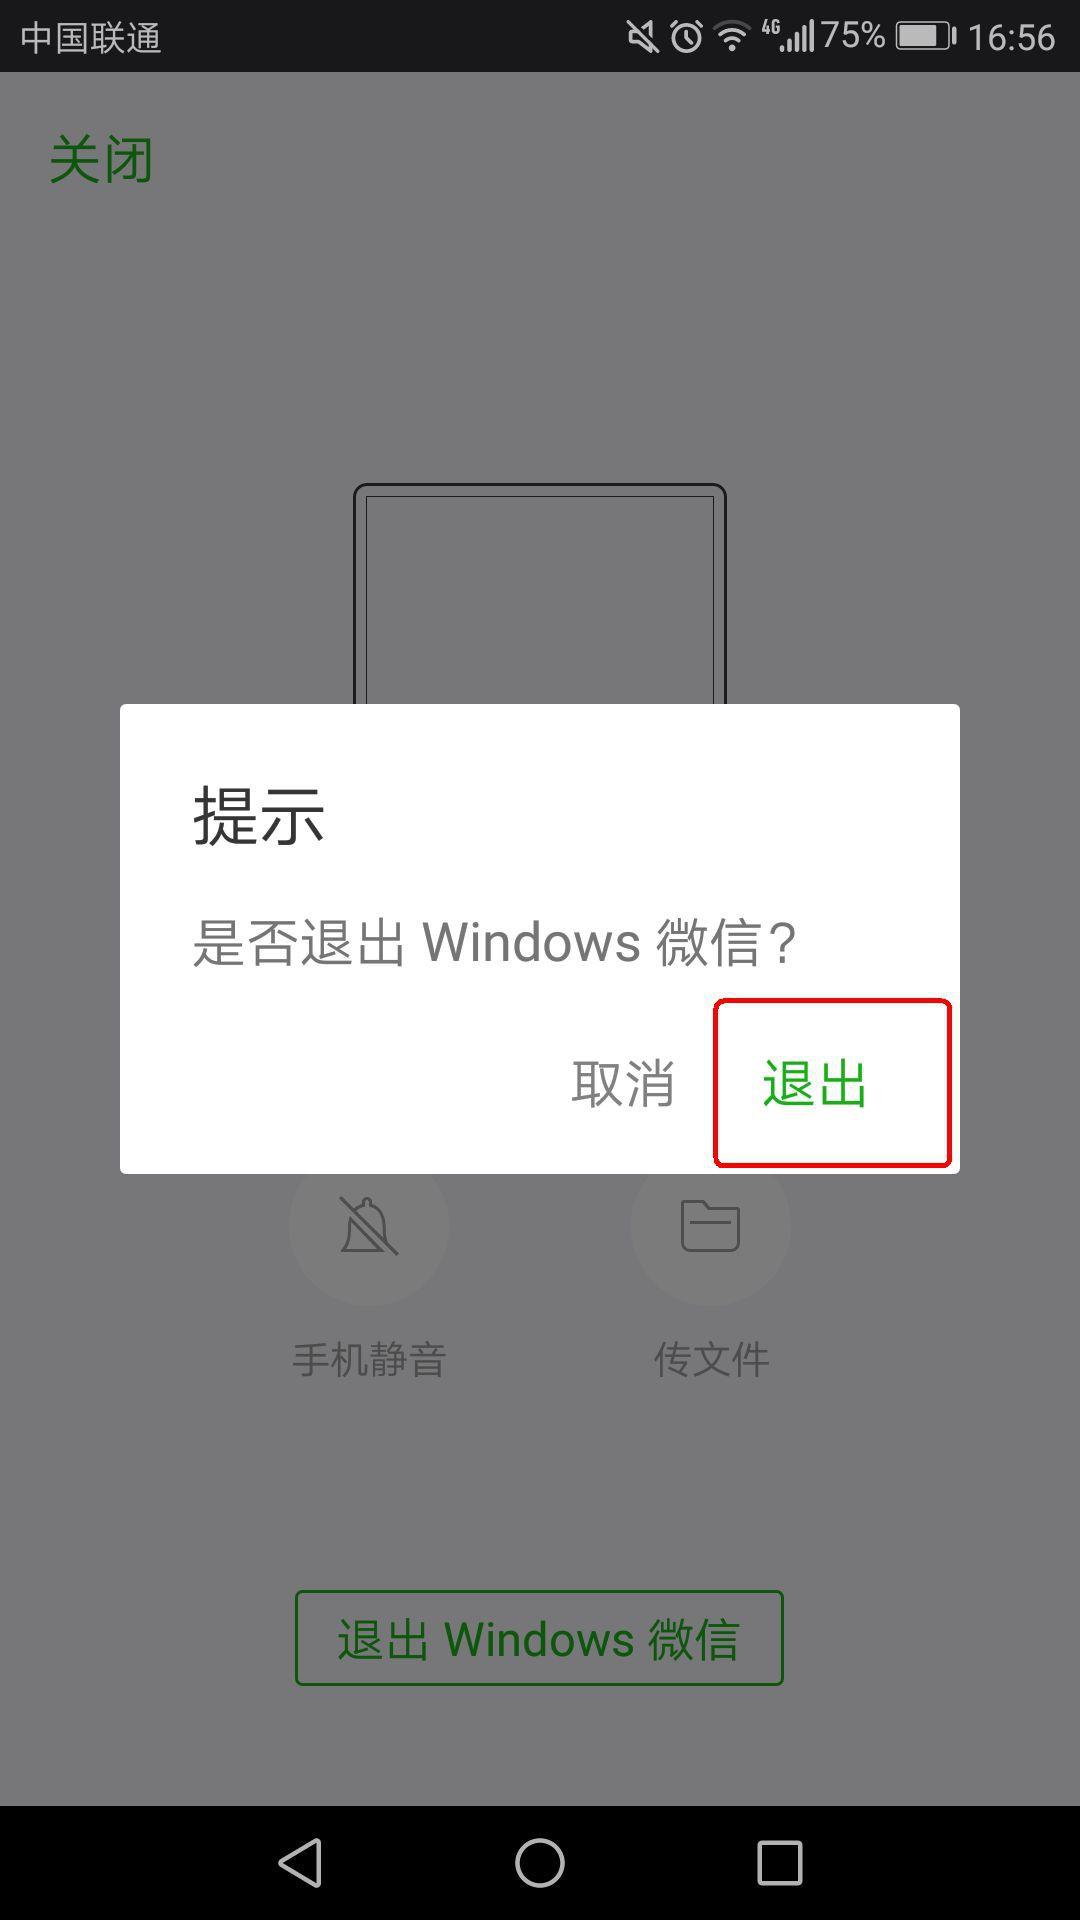 微信电脑版打不开怎么办 如何解决呢